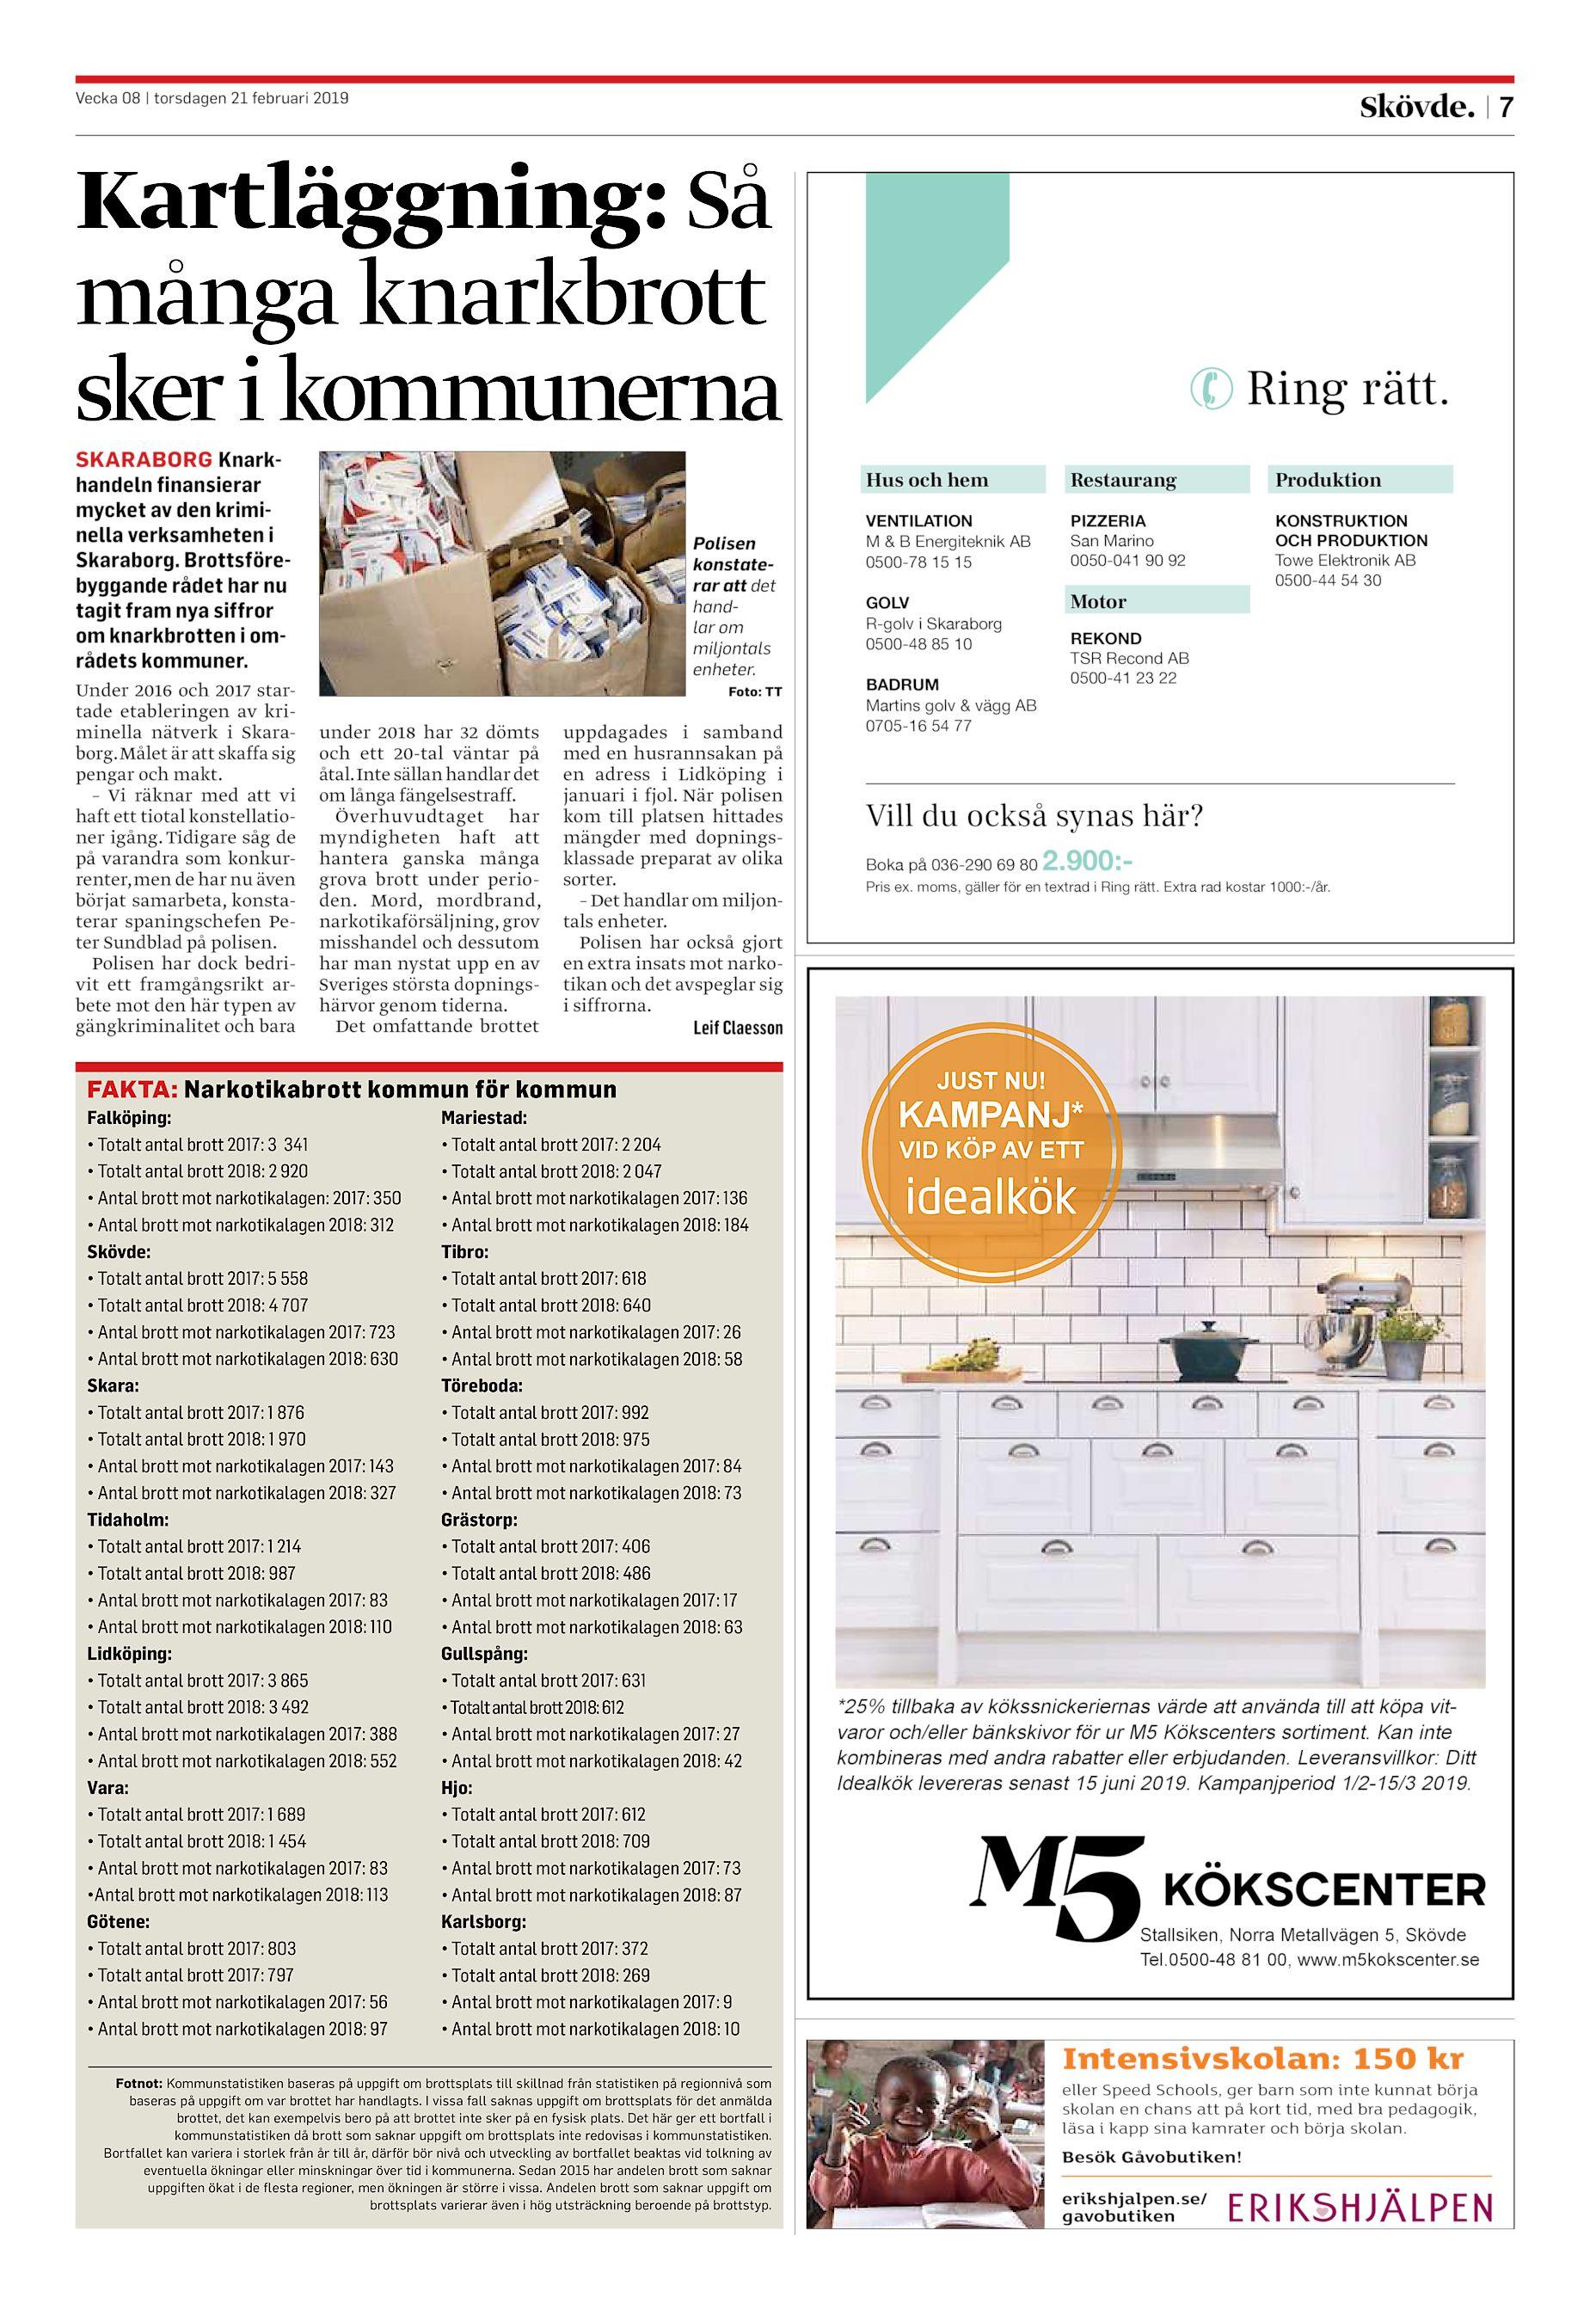 b897f5a388e 7 Kartläggning: Så många knarkbrott sker i kommunerna SKARABORG  Knarkhandeln finansierar mycket av den kriminella verksamheten i Skaraborg.